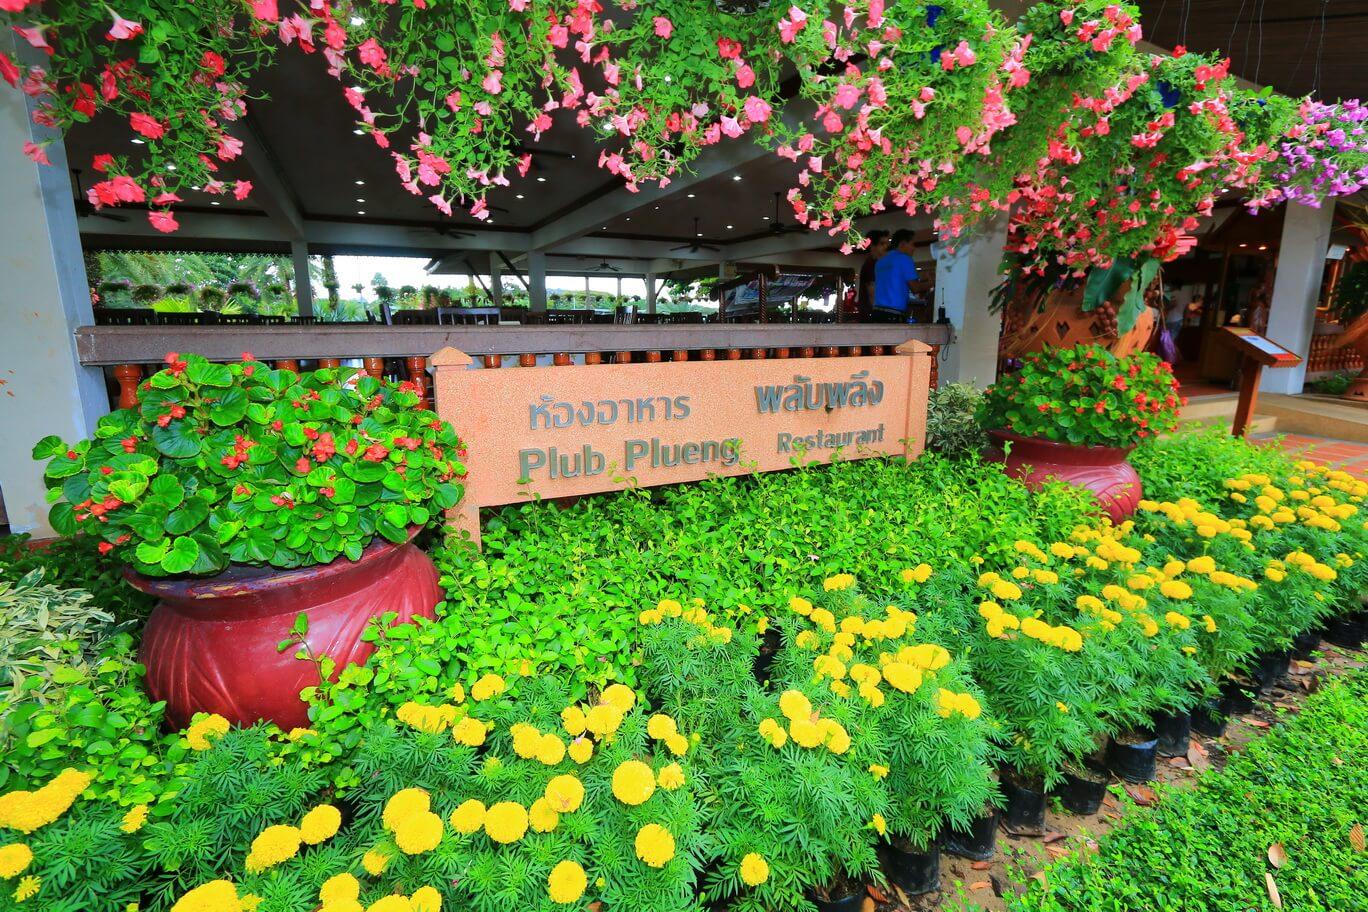 Фото ресторана Plup Plueng в саду Нонг Нуч (Паттайя)